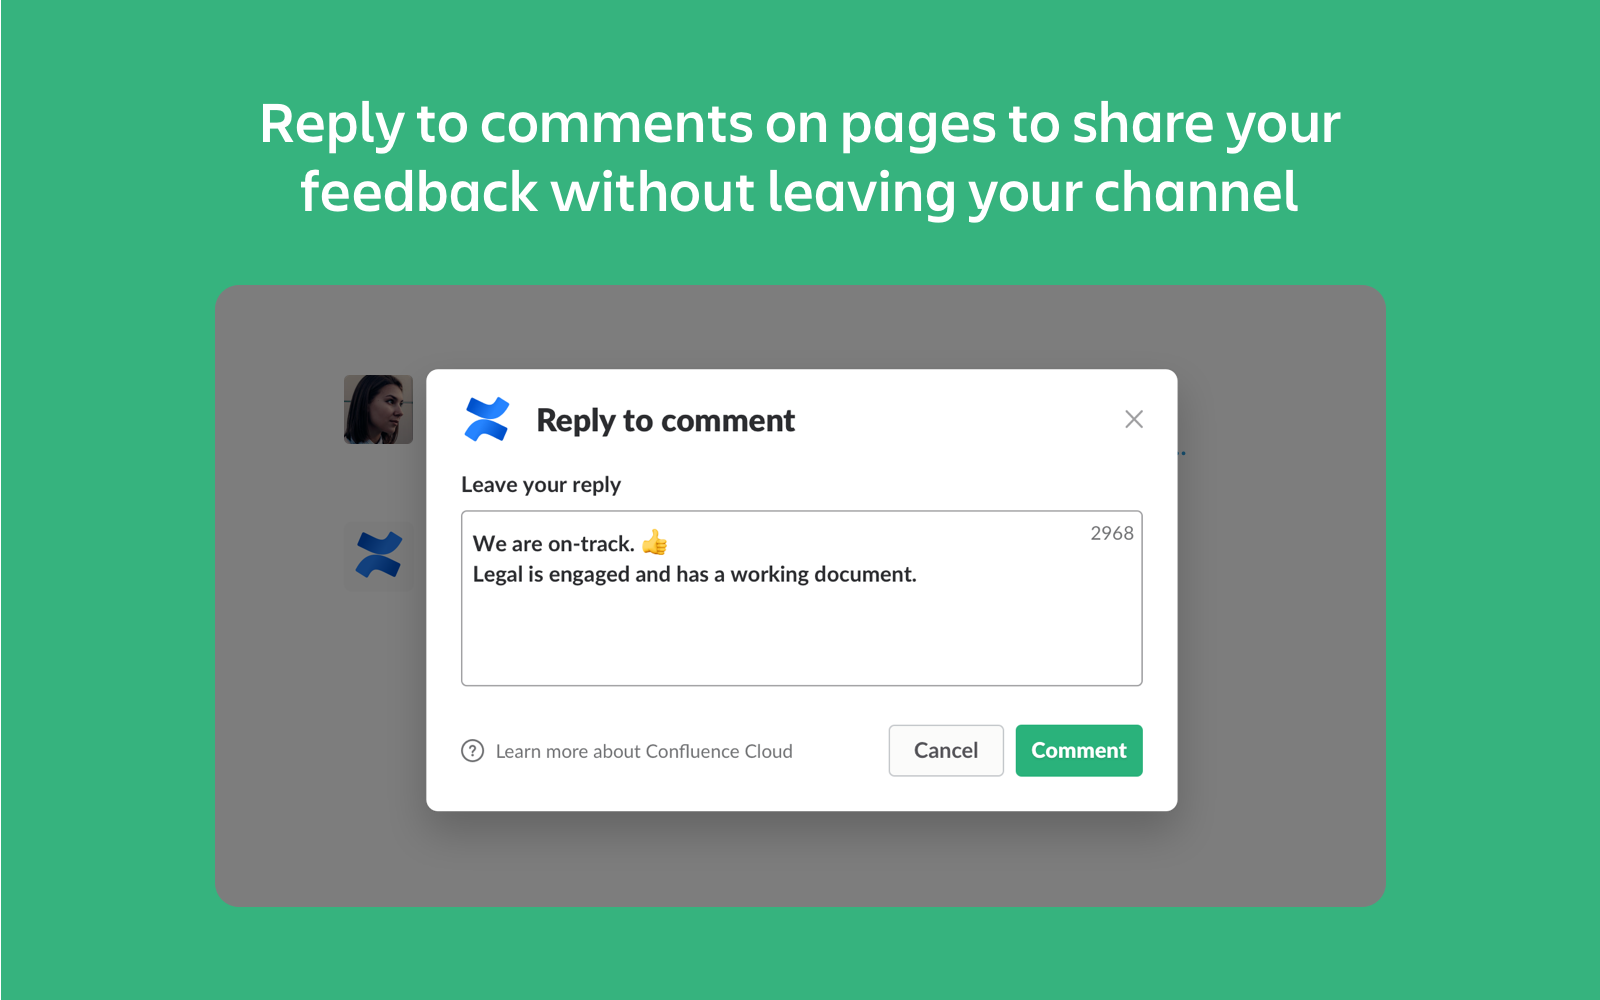 Отвечайте на комментарии на страницах Confluence прямо из канала Slack